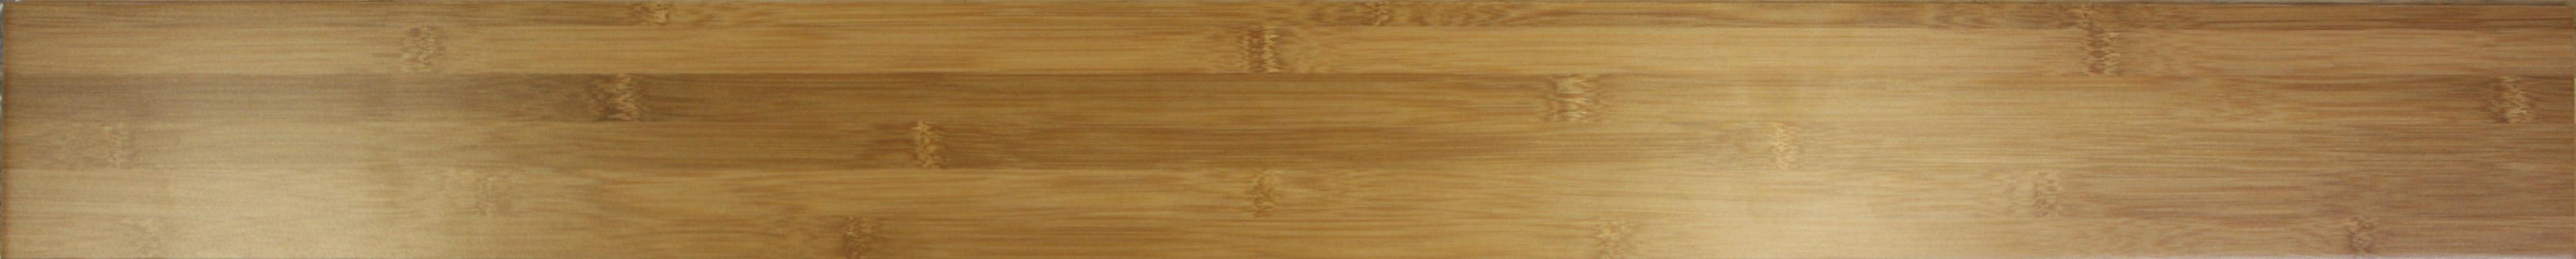 Массивная доска Bamboo Flooring Бамбук Матовый 4.7